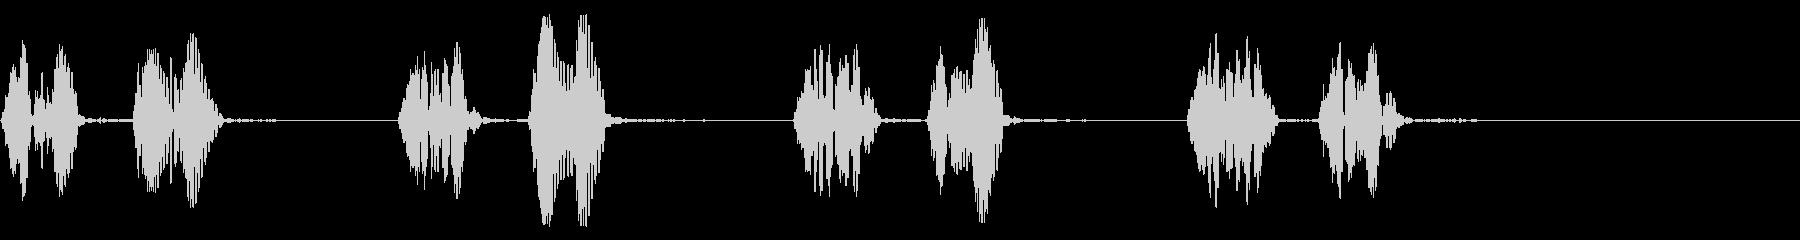 心臓の鼓動,心音の効果音,ドキドキの未再生の波形